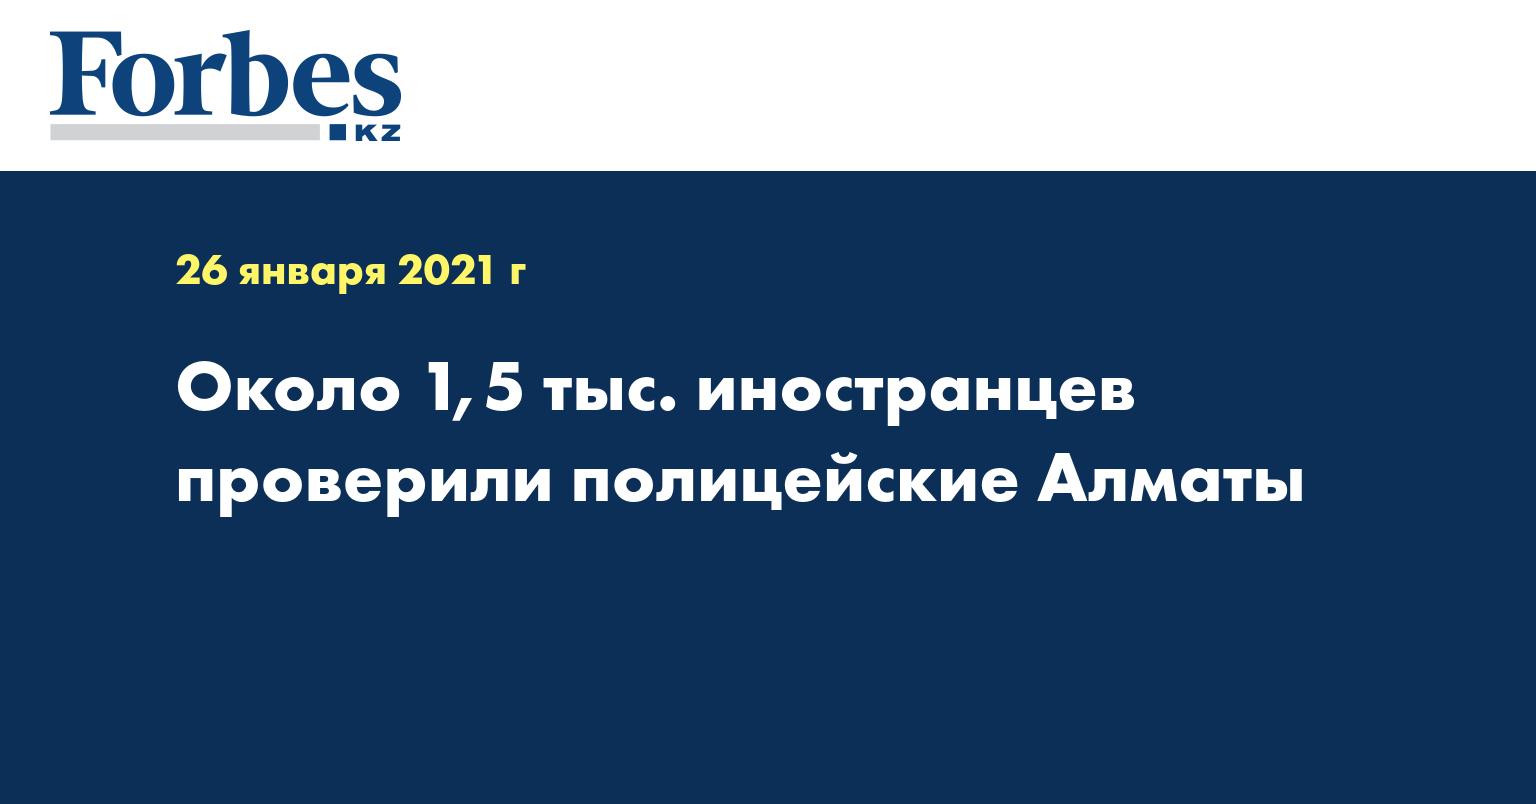 Около 1,5 тыс. иностранцев проверили полицейские Алматы